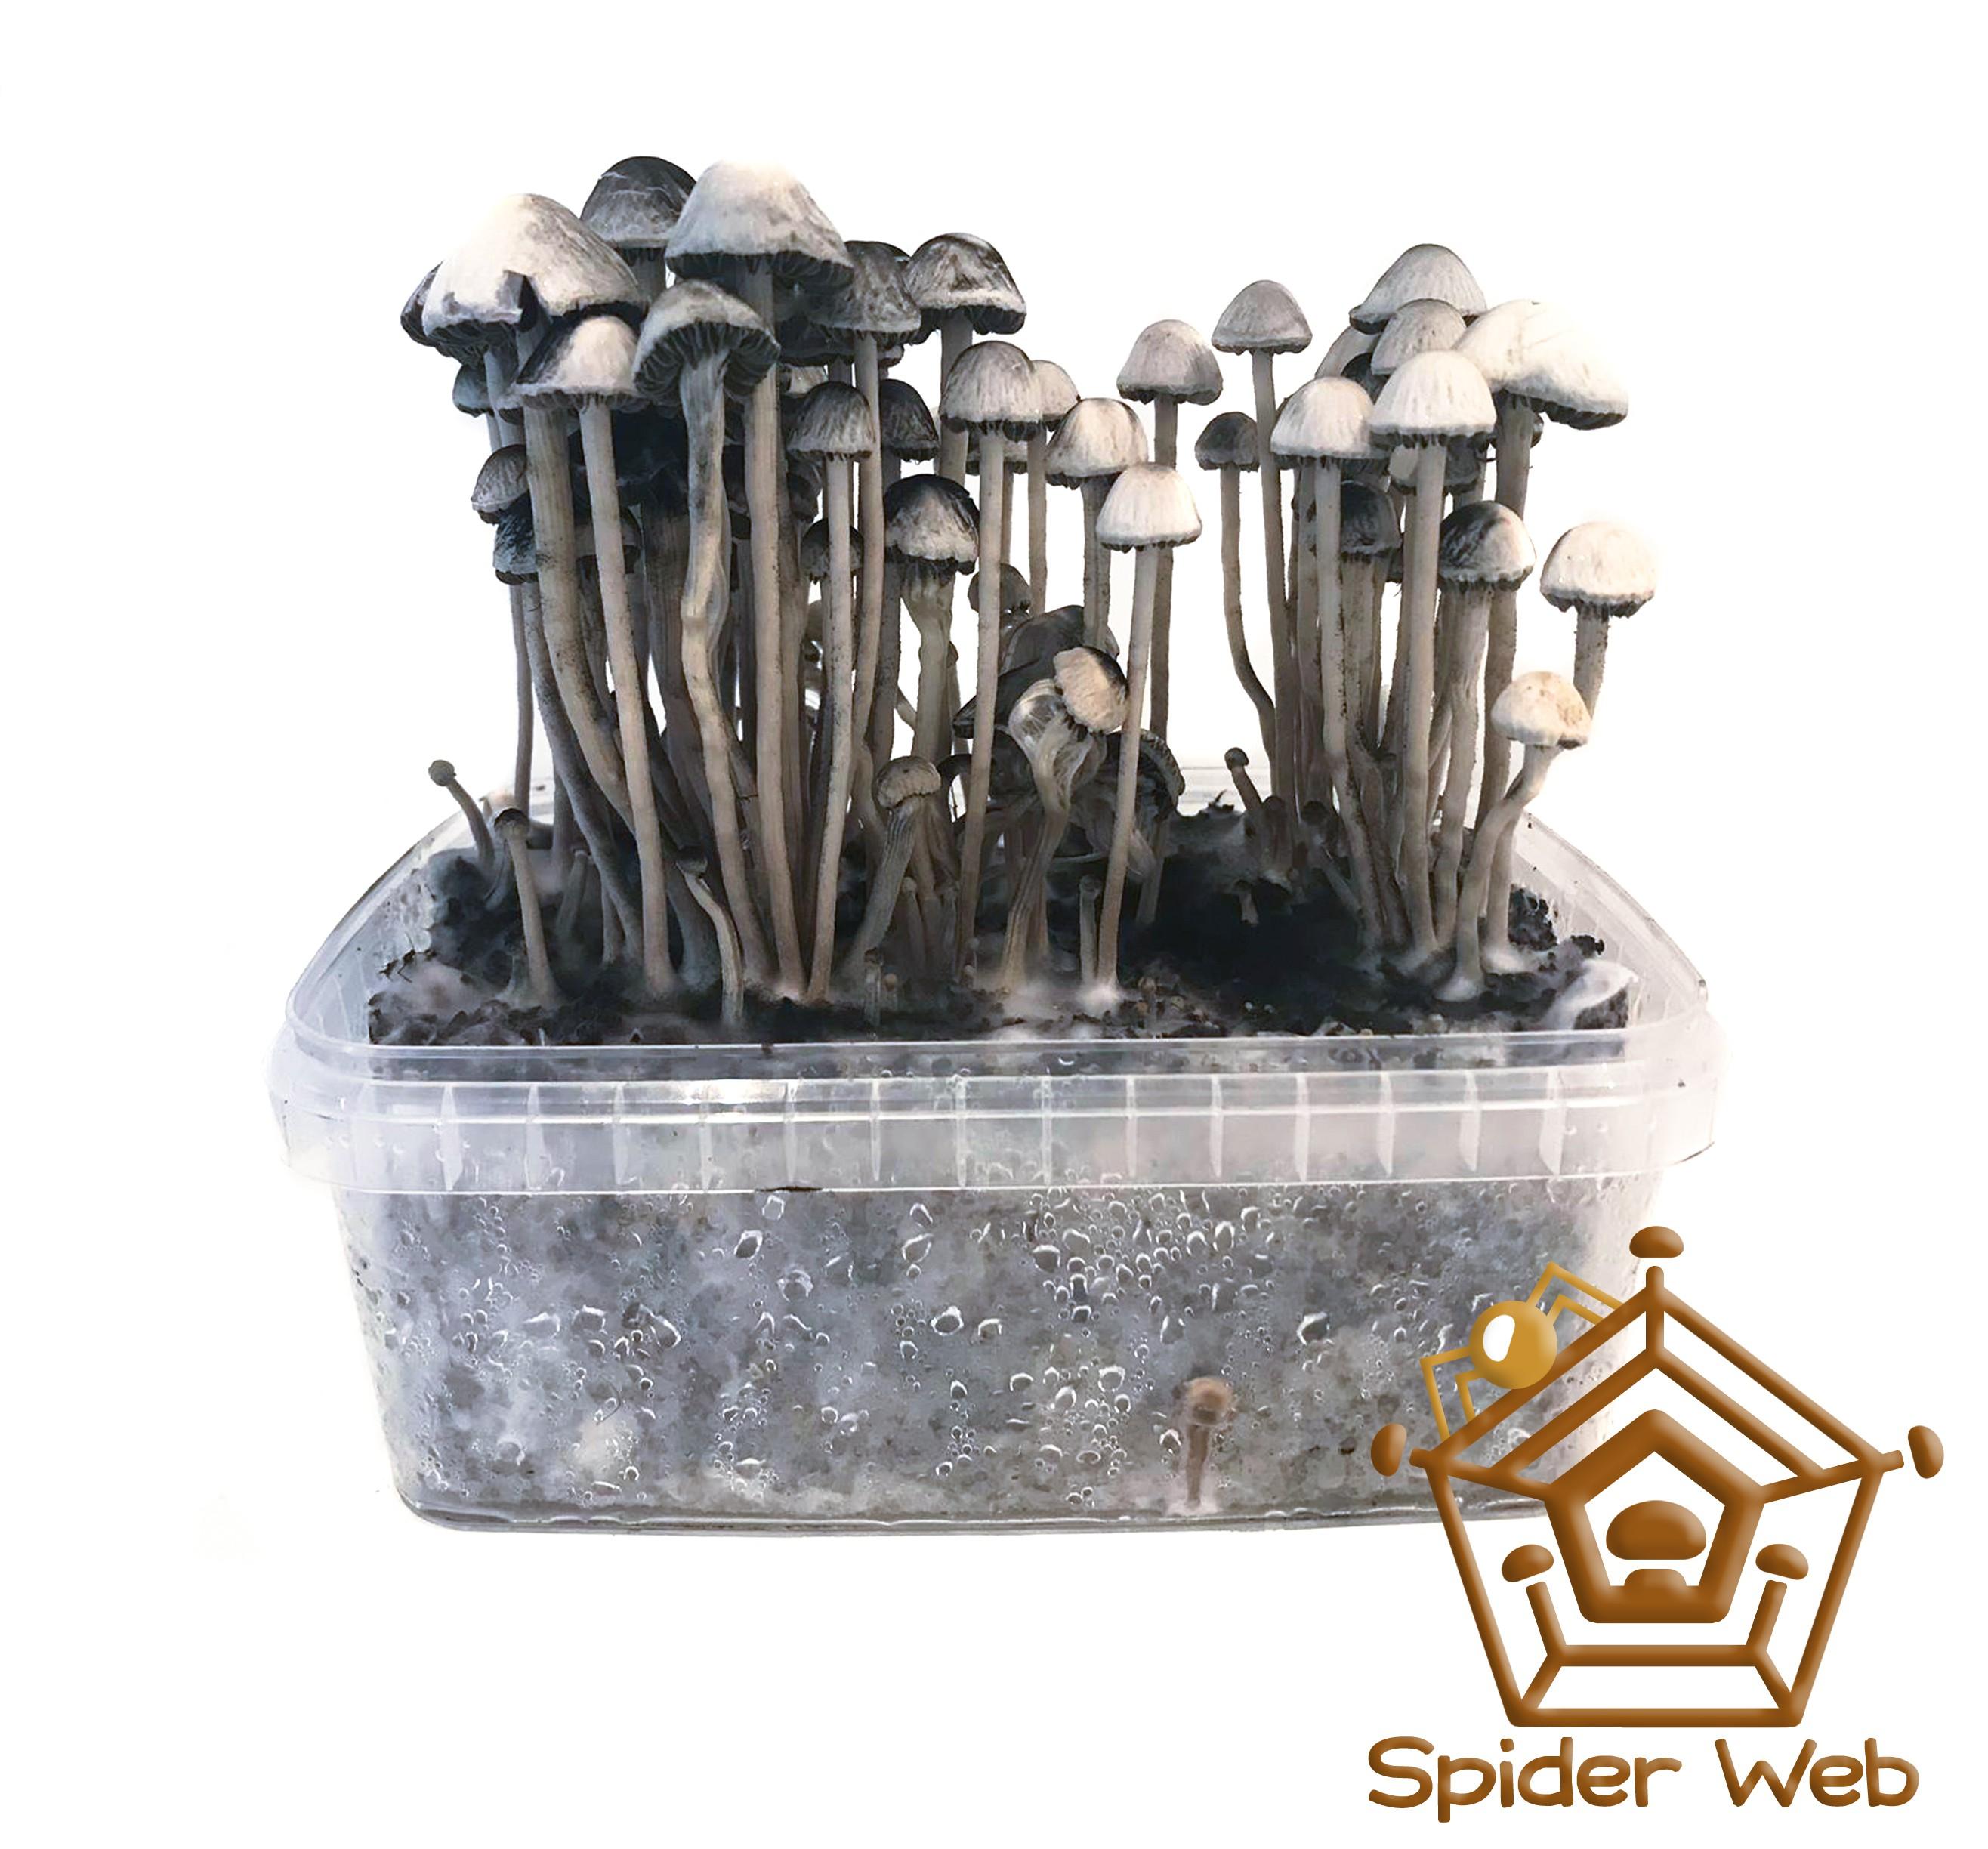 Copelandia Spiderweb Mushroom Growkit € 45.00 Magic Mushroom Growkits